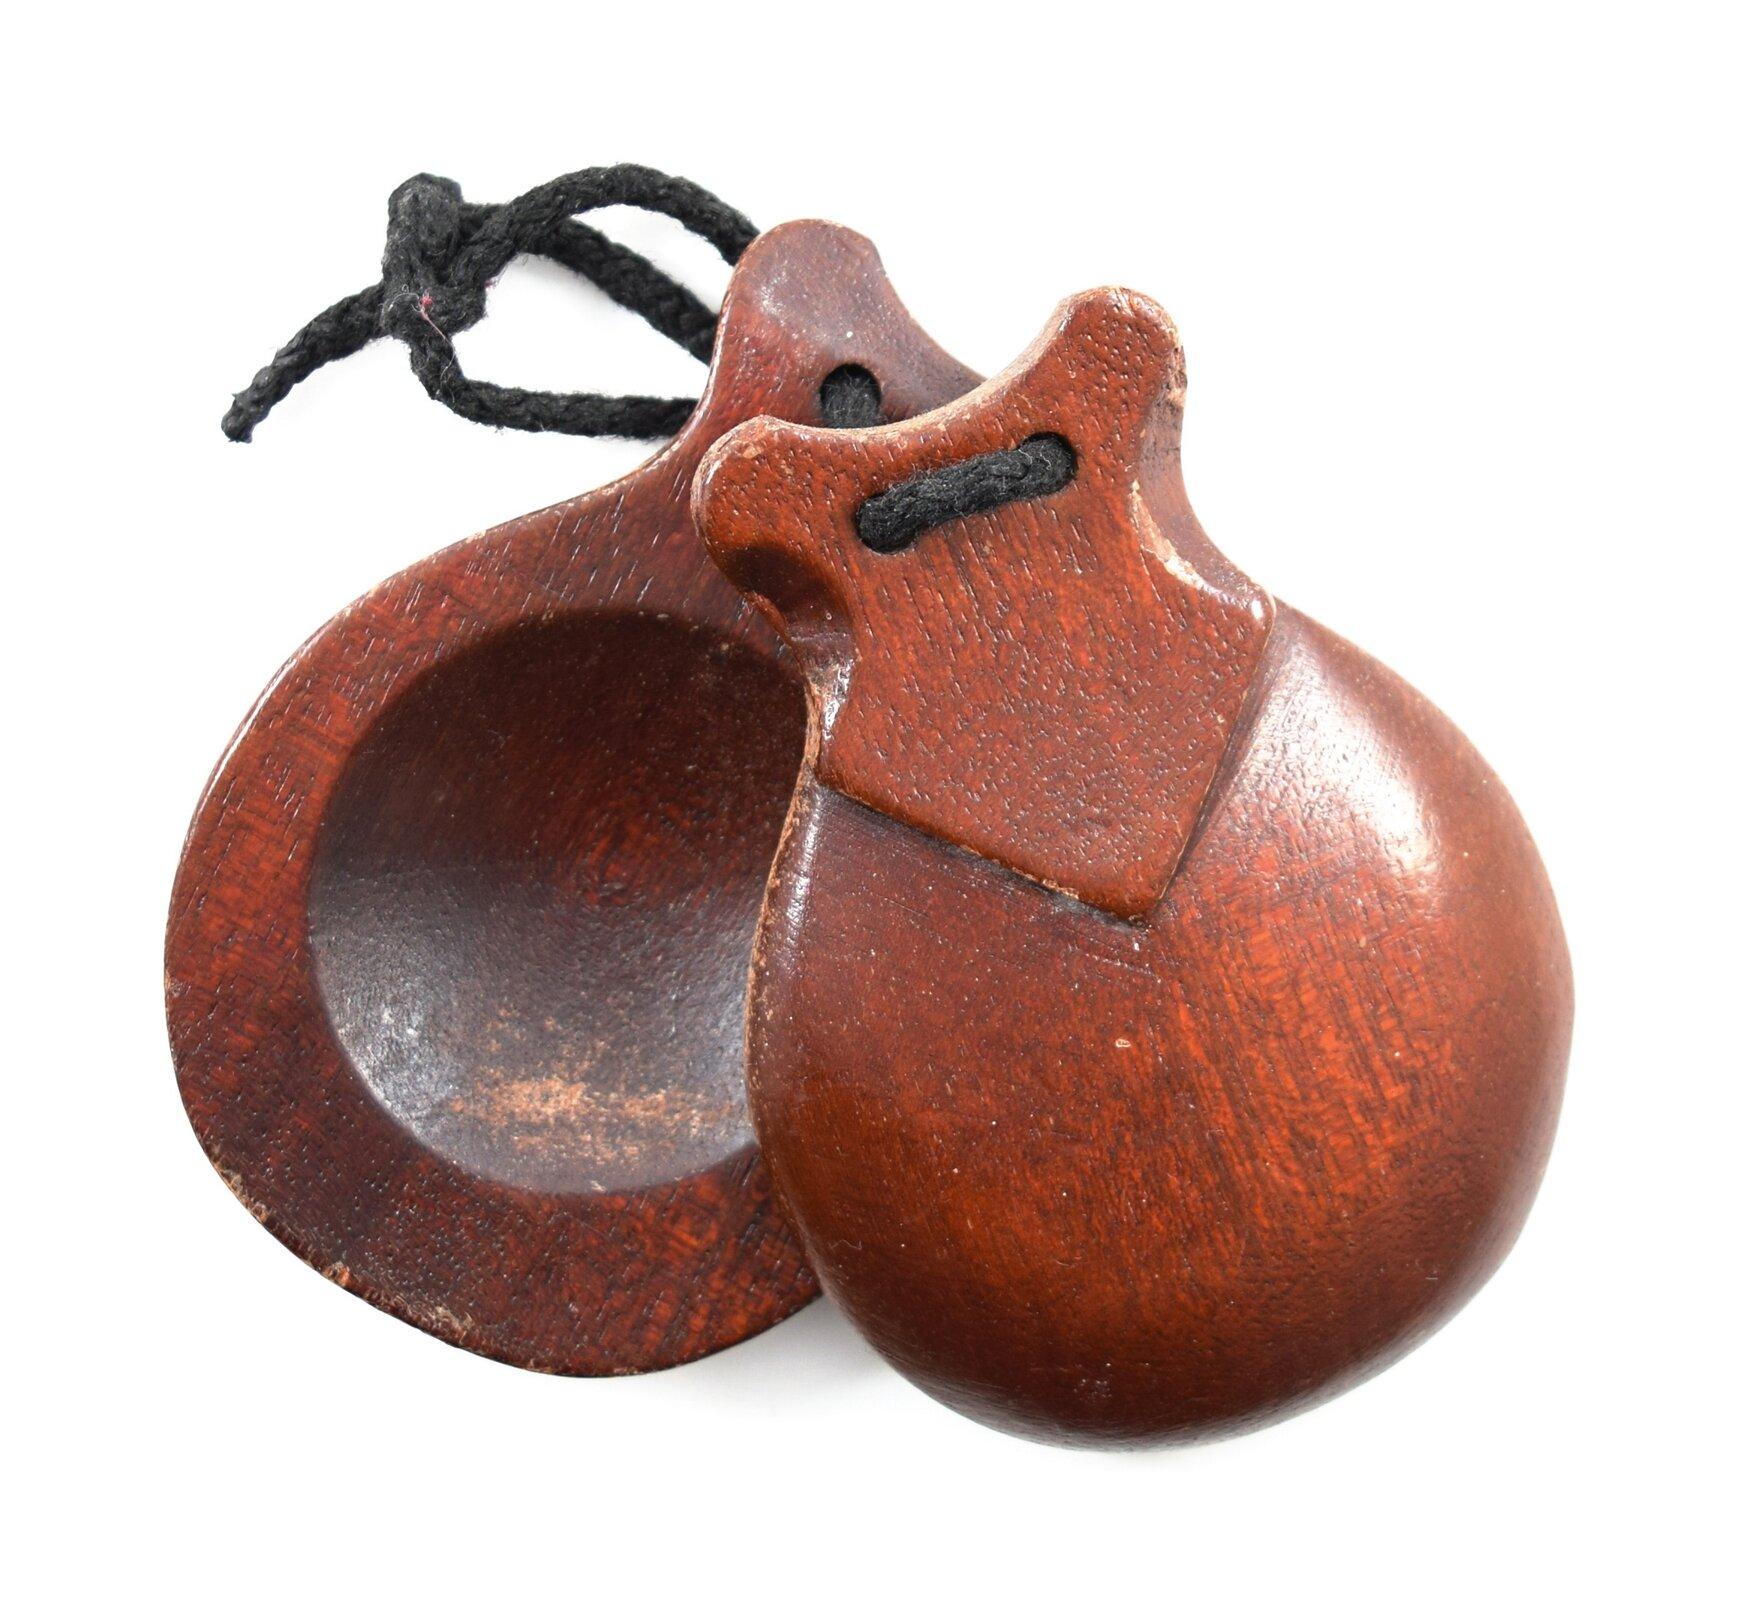 Ilustracja przedstawia kastaniety, instrument muzyczny zgrupy idiofonów zderzanych, składający się zdrewnianej rękojeści, do której przymocowano zjednej lub obu stron pary drewnianych muszelek związanych sznurkiem. Przy potrząsaniu muszelki uderzają wznajdującą się między nimi drewnianą płytkę.